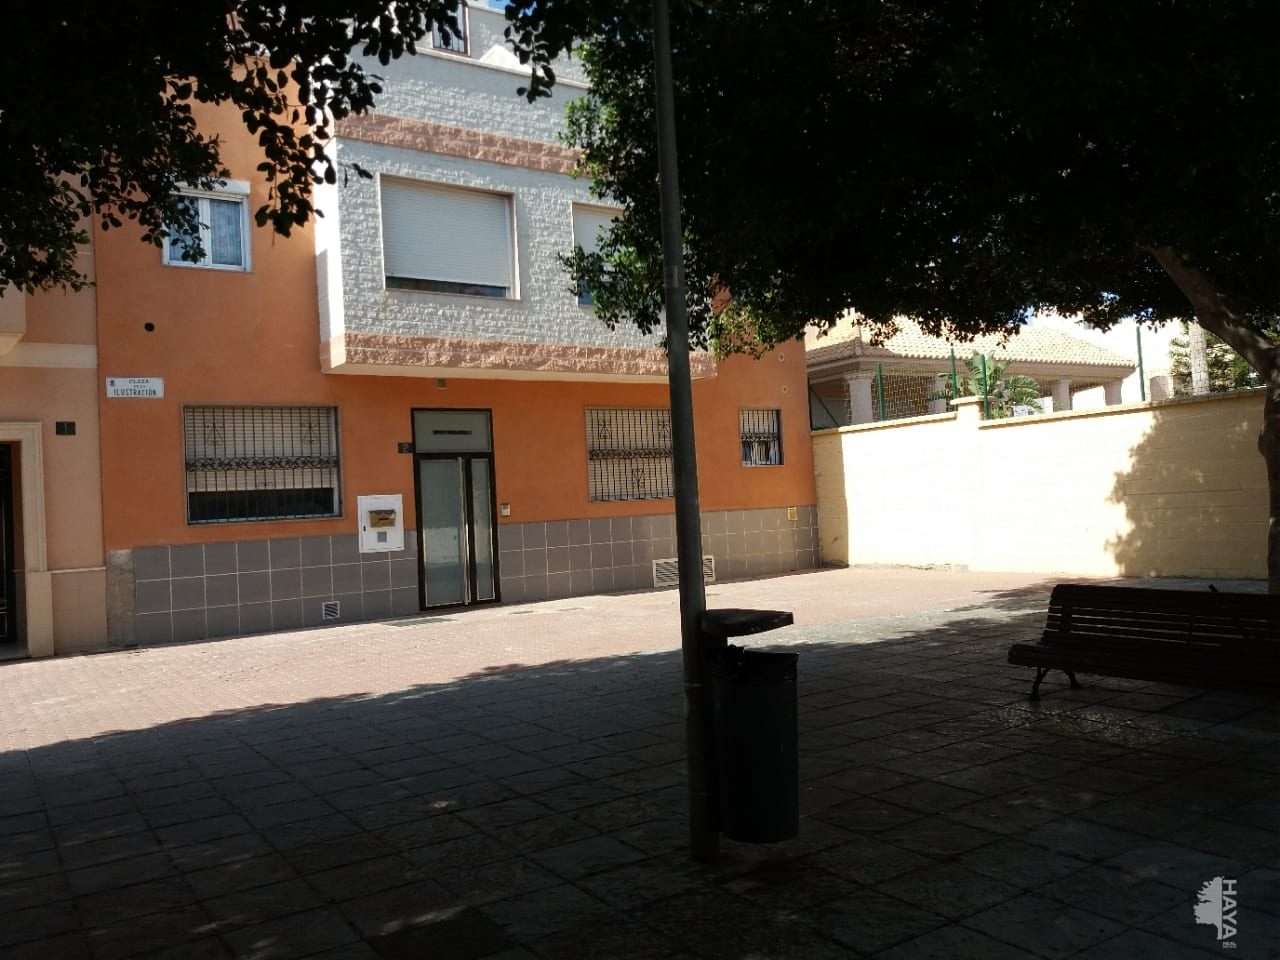 Piso en venta en Oliveros, Almería, Almería, Plaza de la Ilustracion, 115.920 €, 2 habitaciones, 1 baño, 70 m2